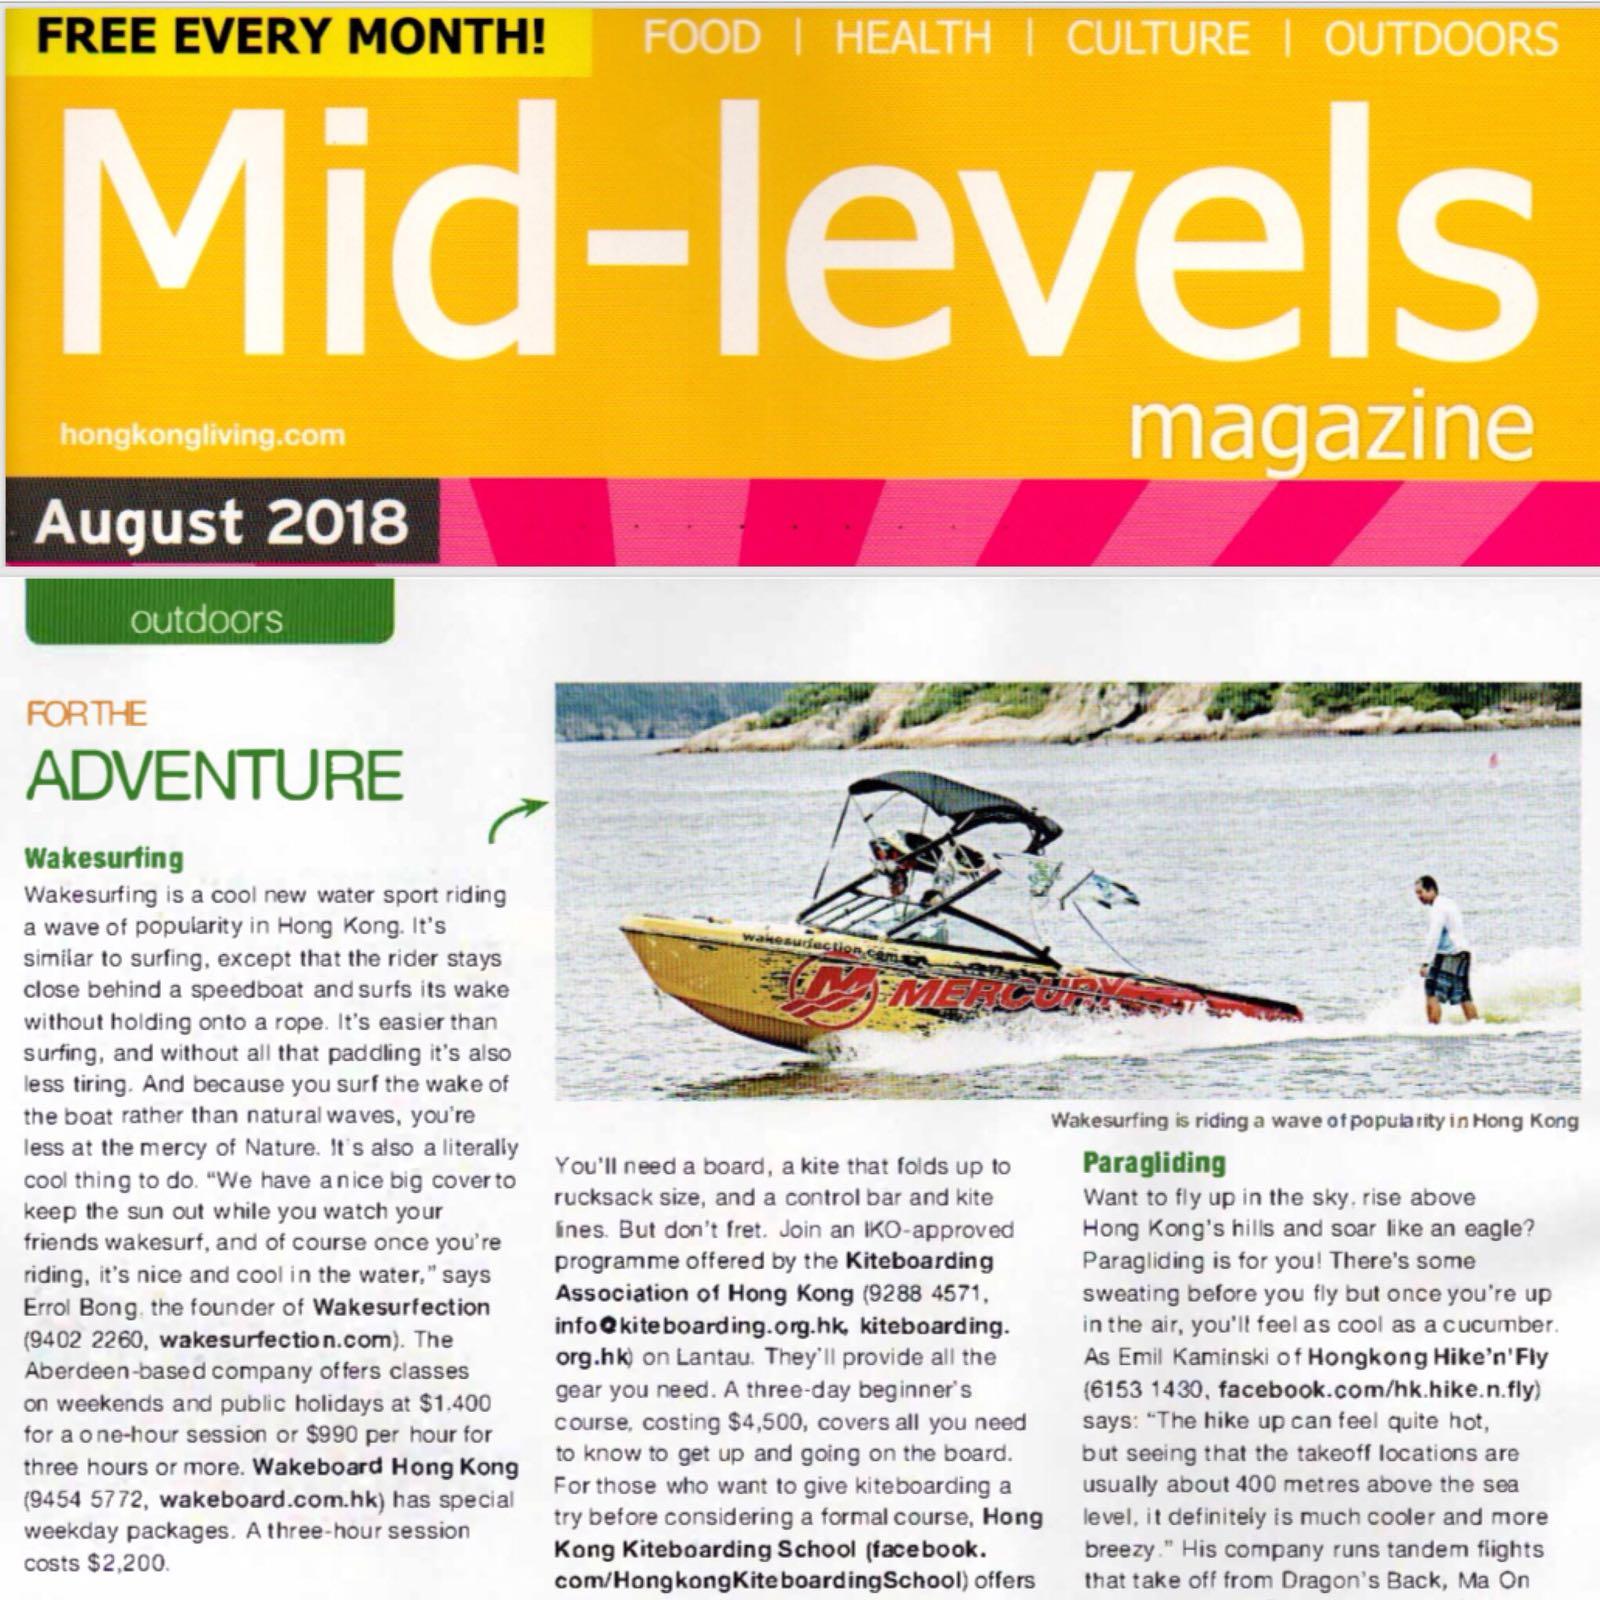 Midlevels magazine.jpg